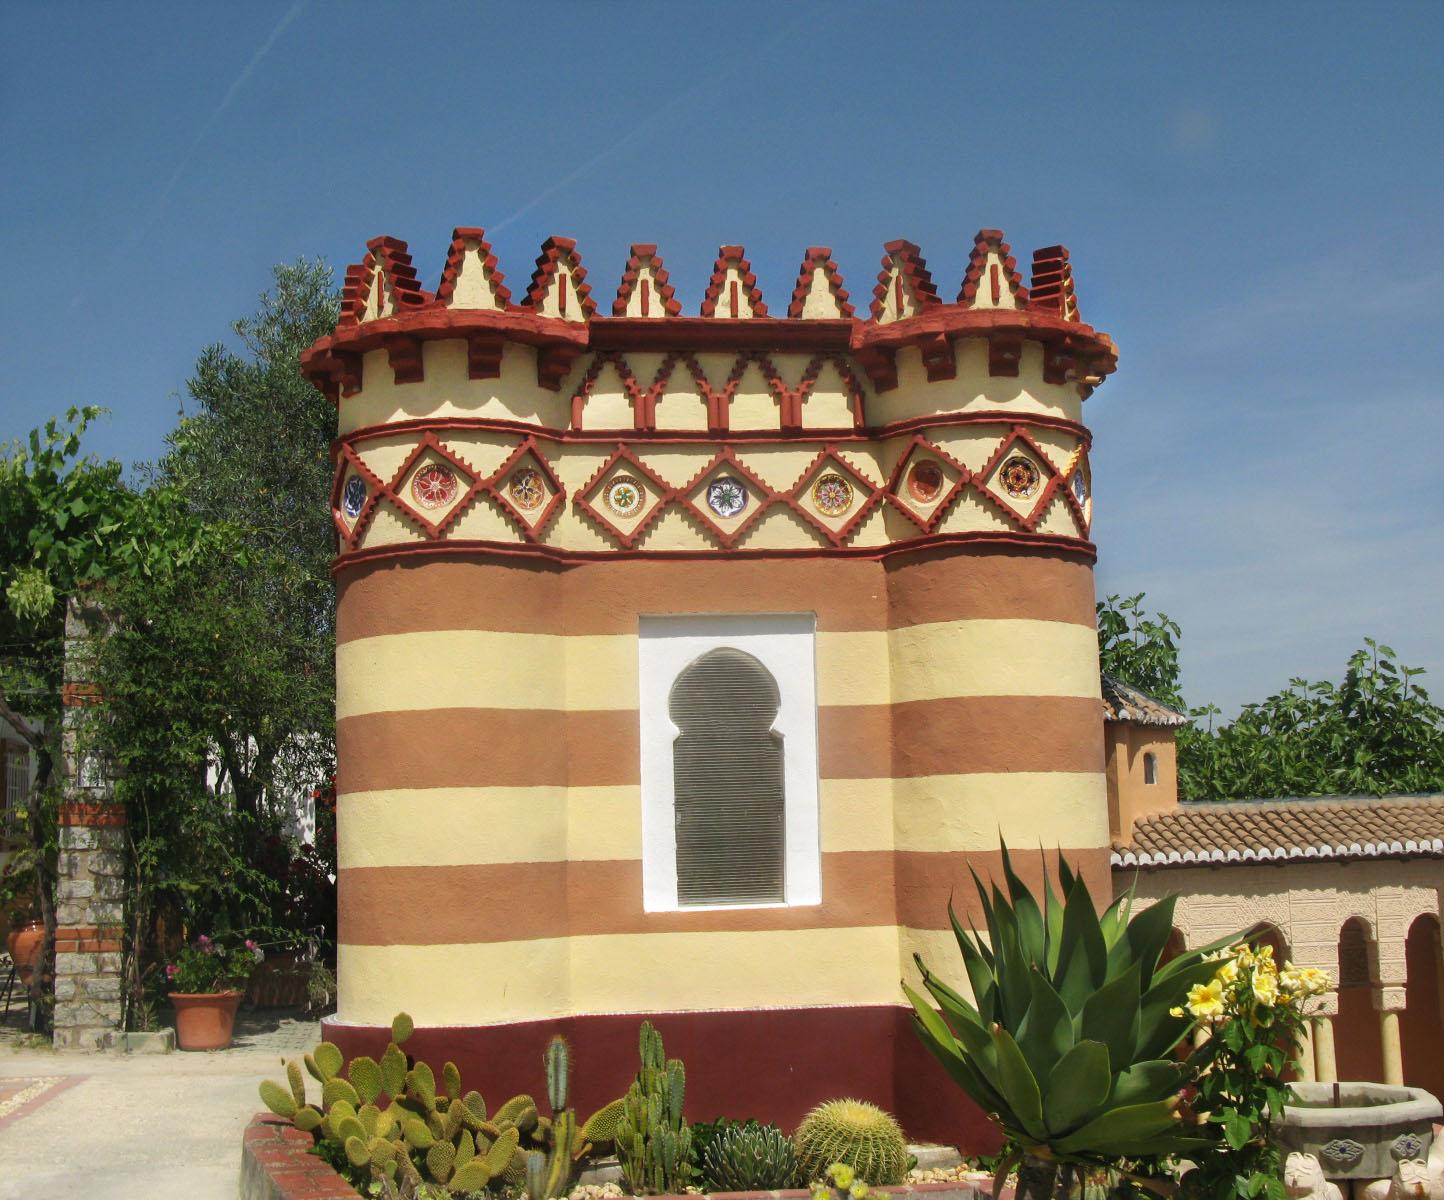 El costurero de la reina parque miniaturas villasudores for Oficina de turismo sevilla